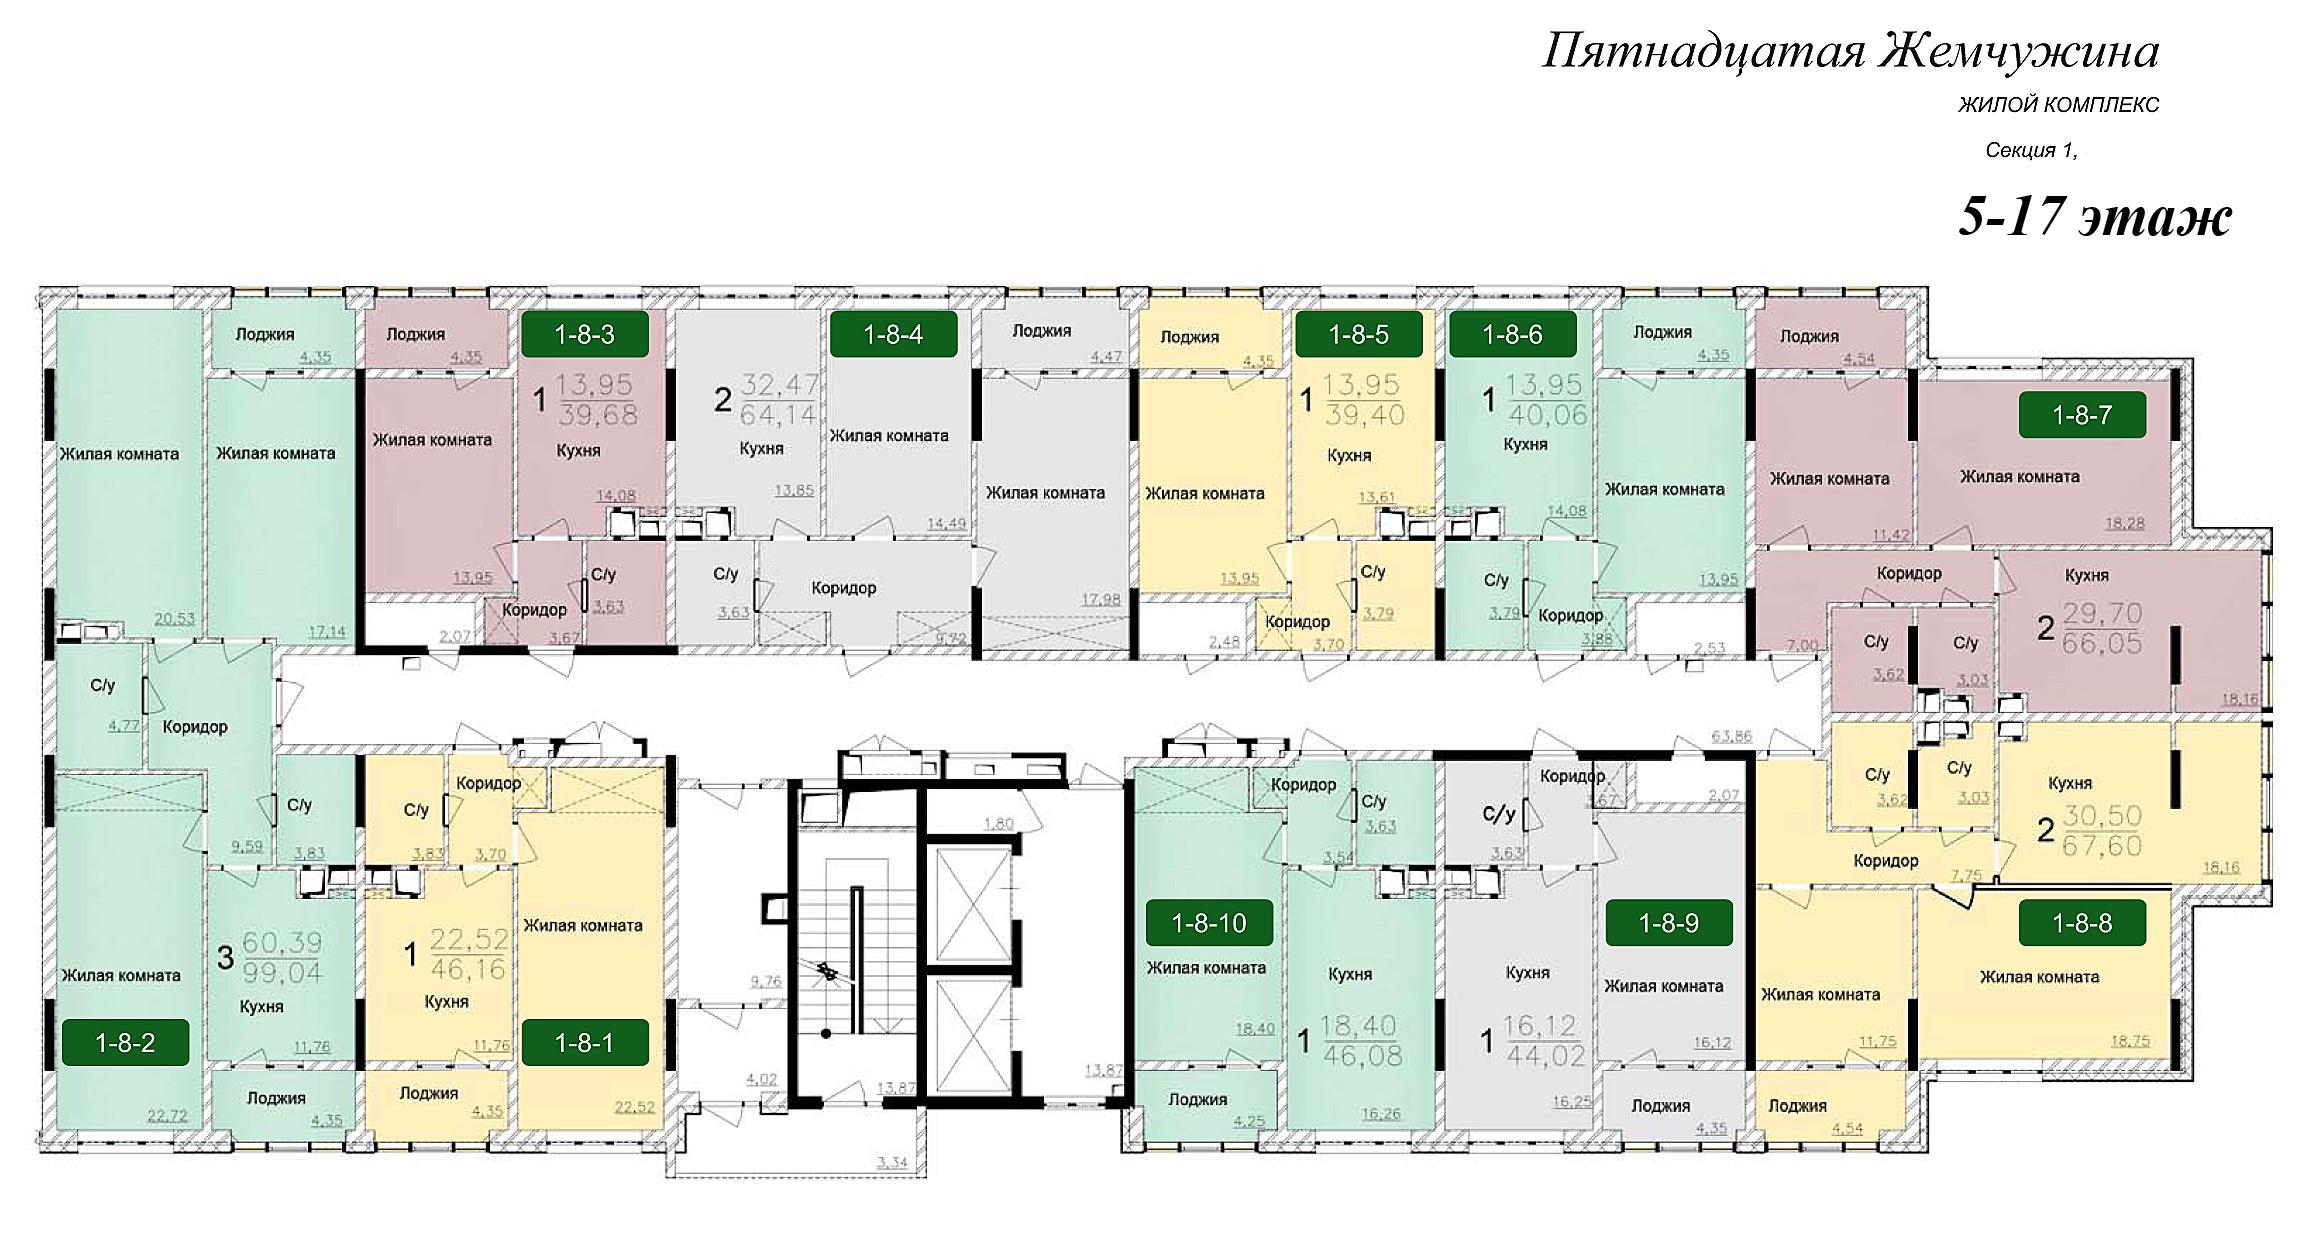 Кадорр, 15 Жемчужина, Планировка cекция 1, этаж 6-17